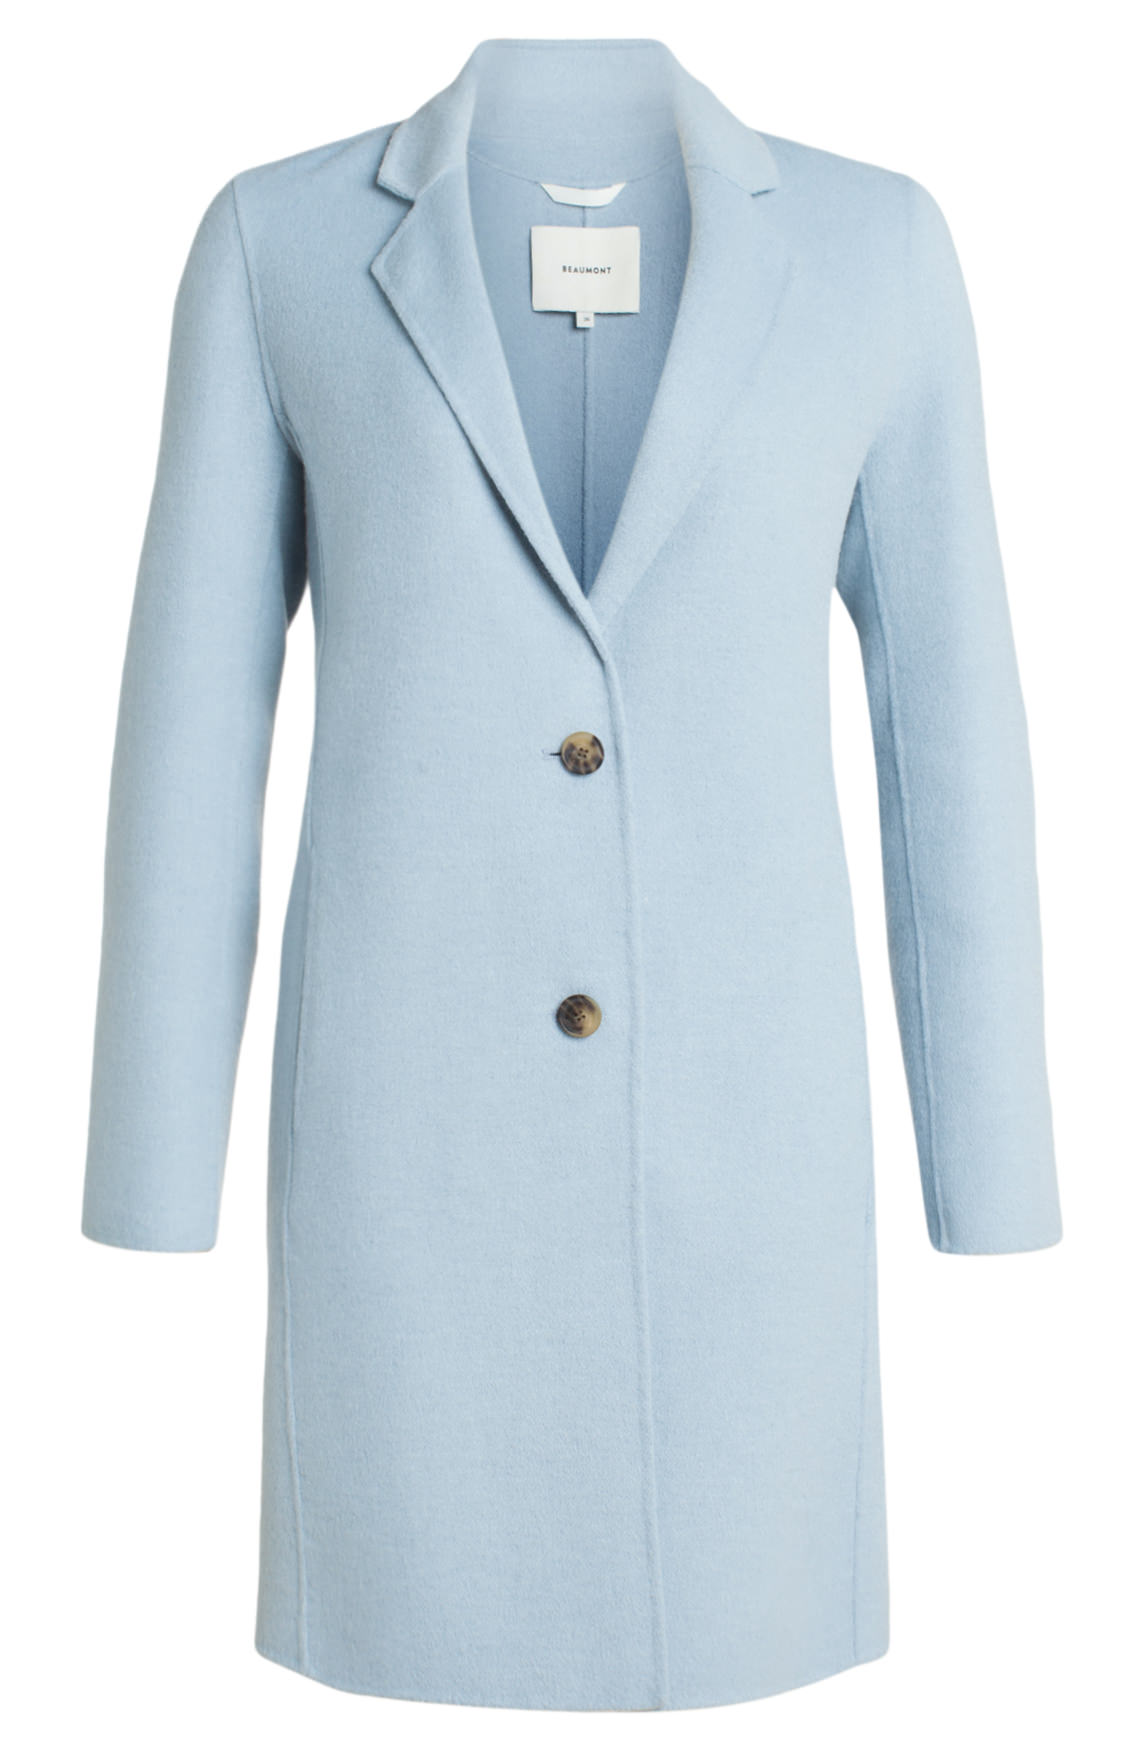 Goede Beaumont Dames Lange wolmix mantel Blauw | Jassenboutique XT-95